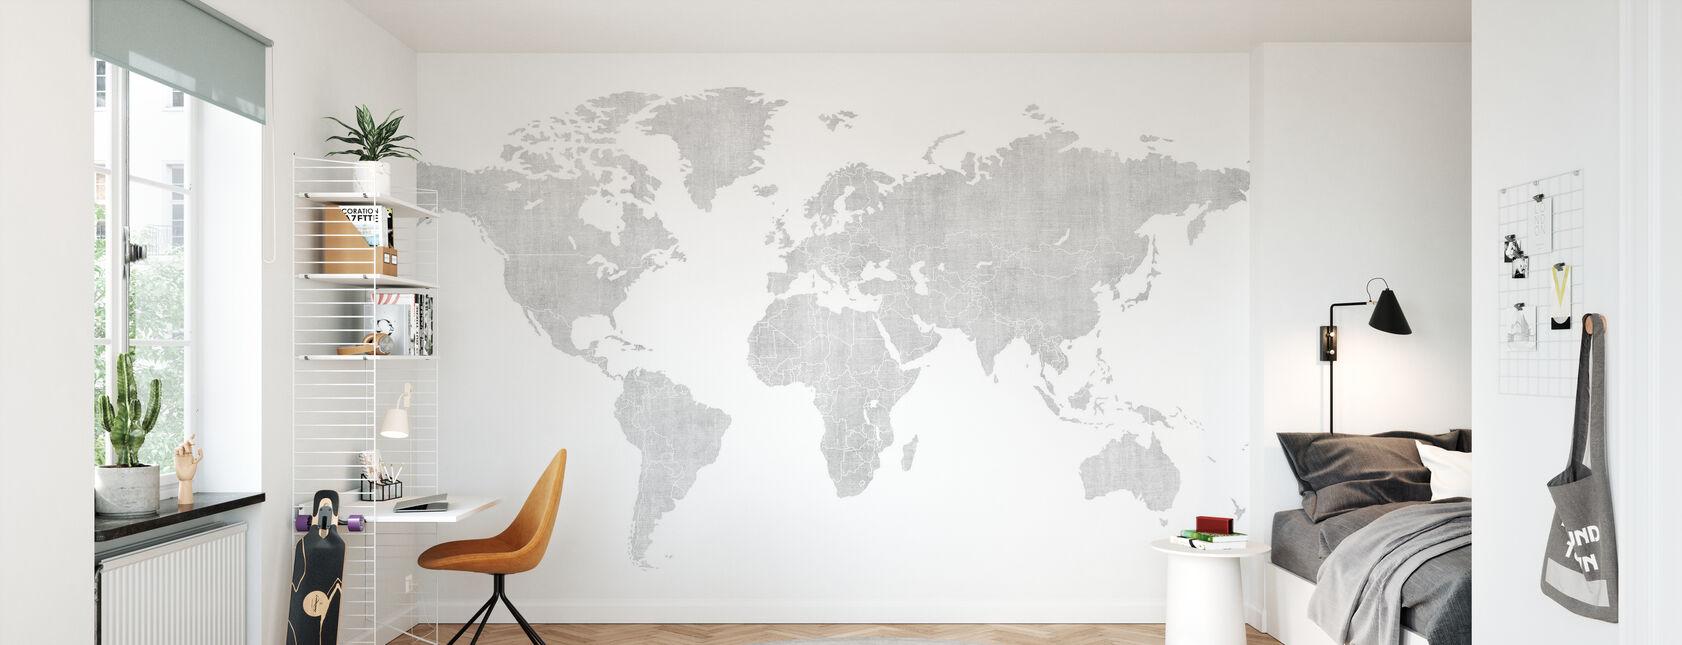 Mappa del mondo Voguish - Bright - Carta da parati - Camera dei bambini